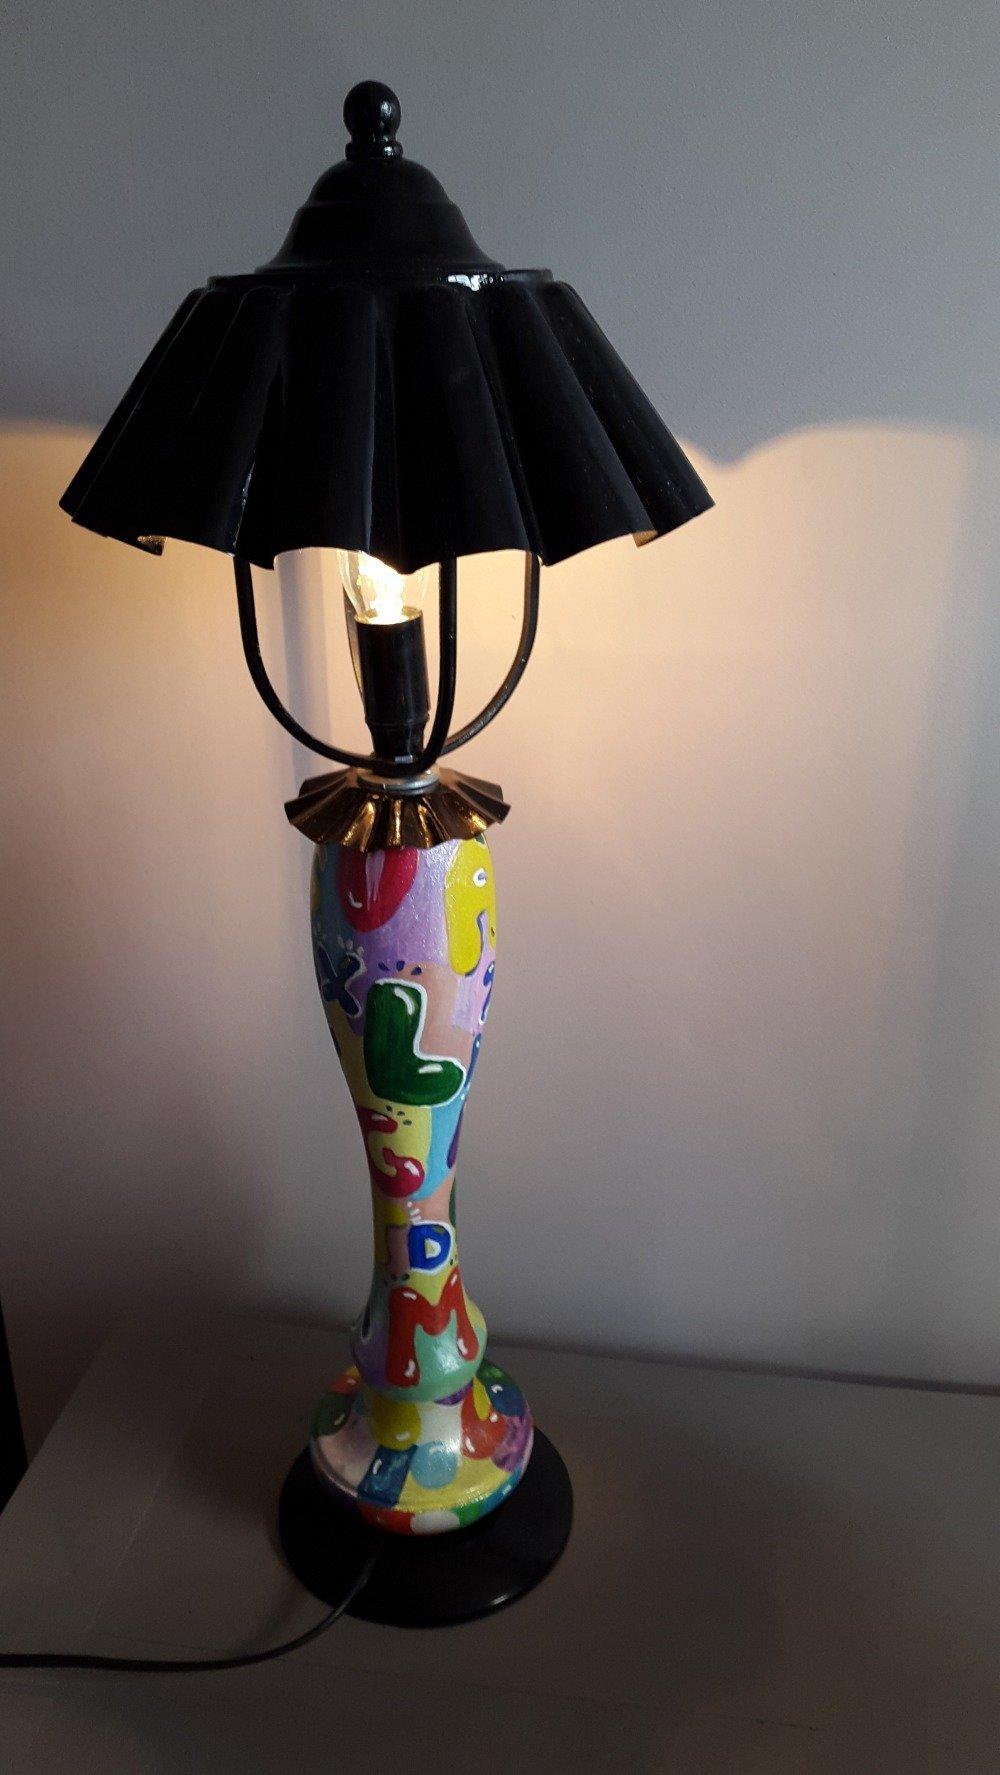 Lampe lettres toutes en couleurs